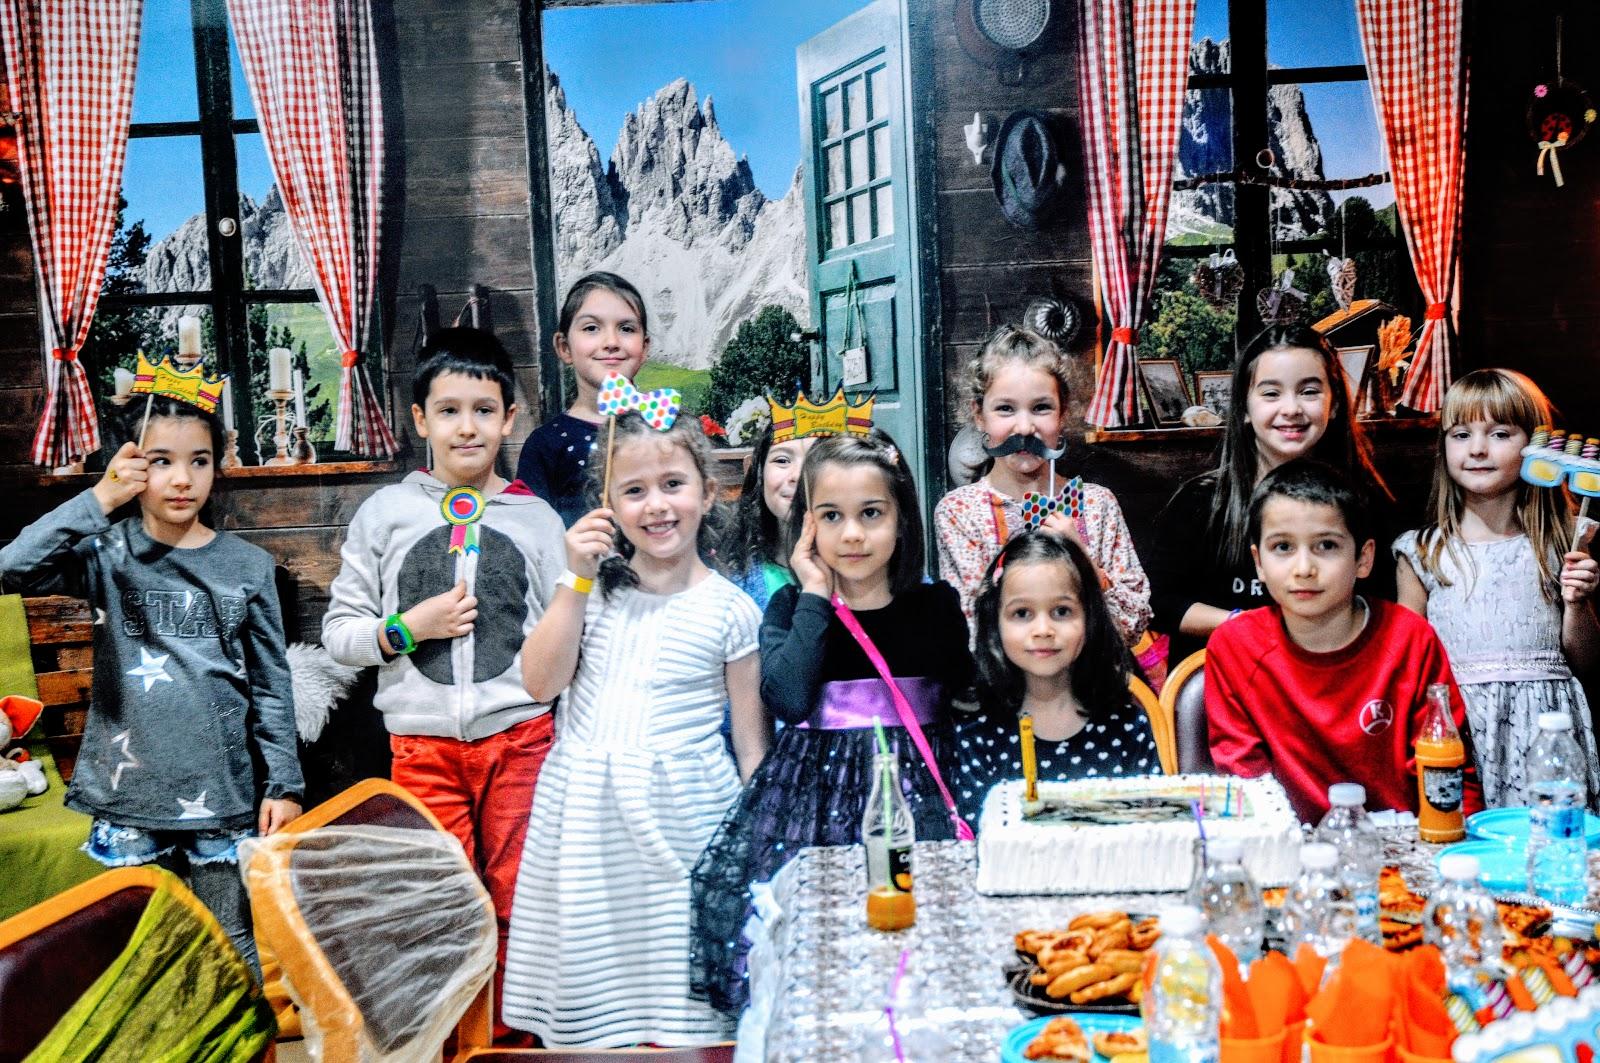 Щастлив детски рожден ден /Happy birthday kids party/